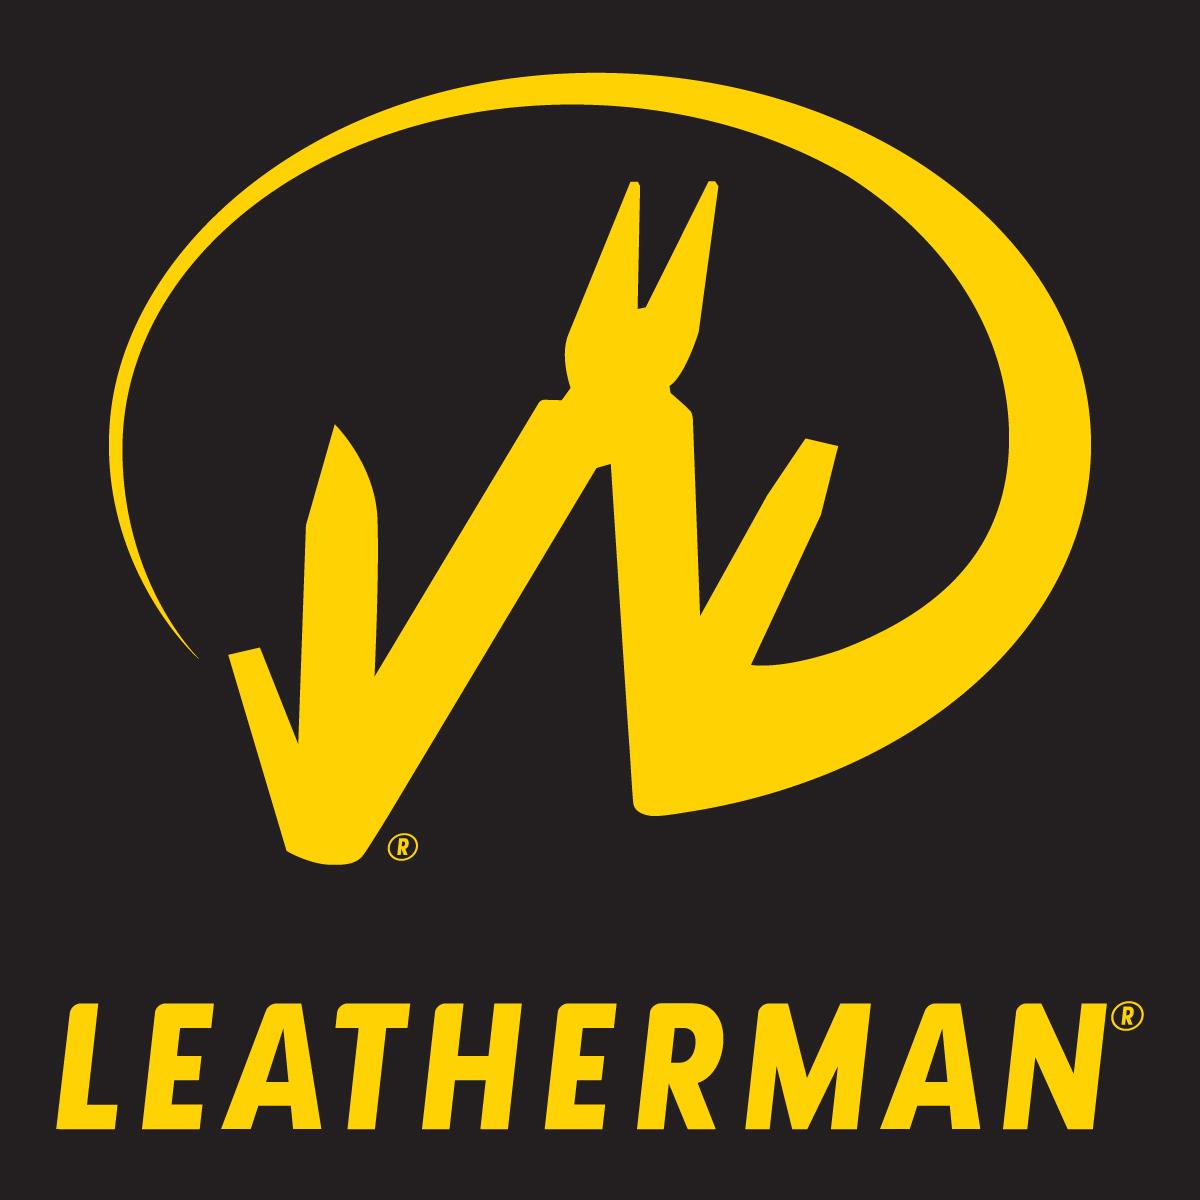 Leatherman Tools, Leatherman Multifunction Tools